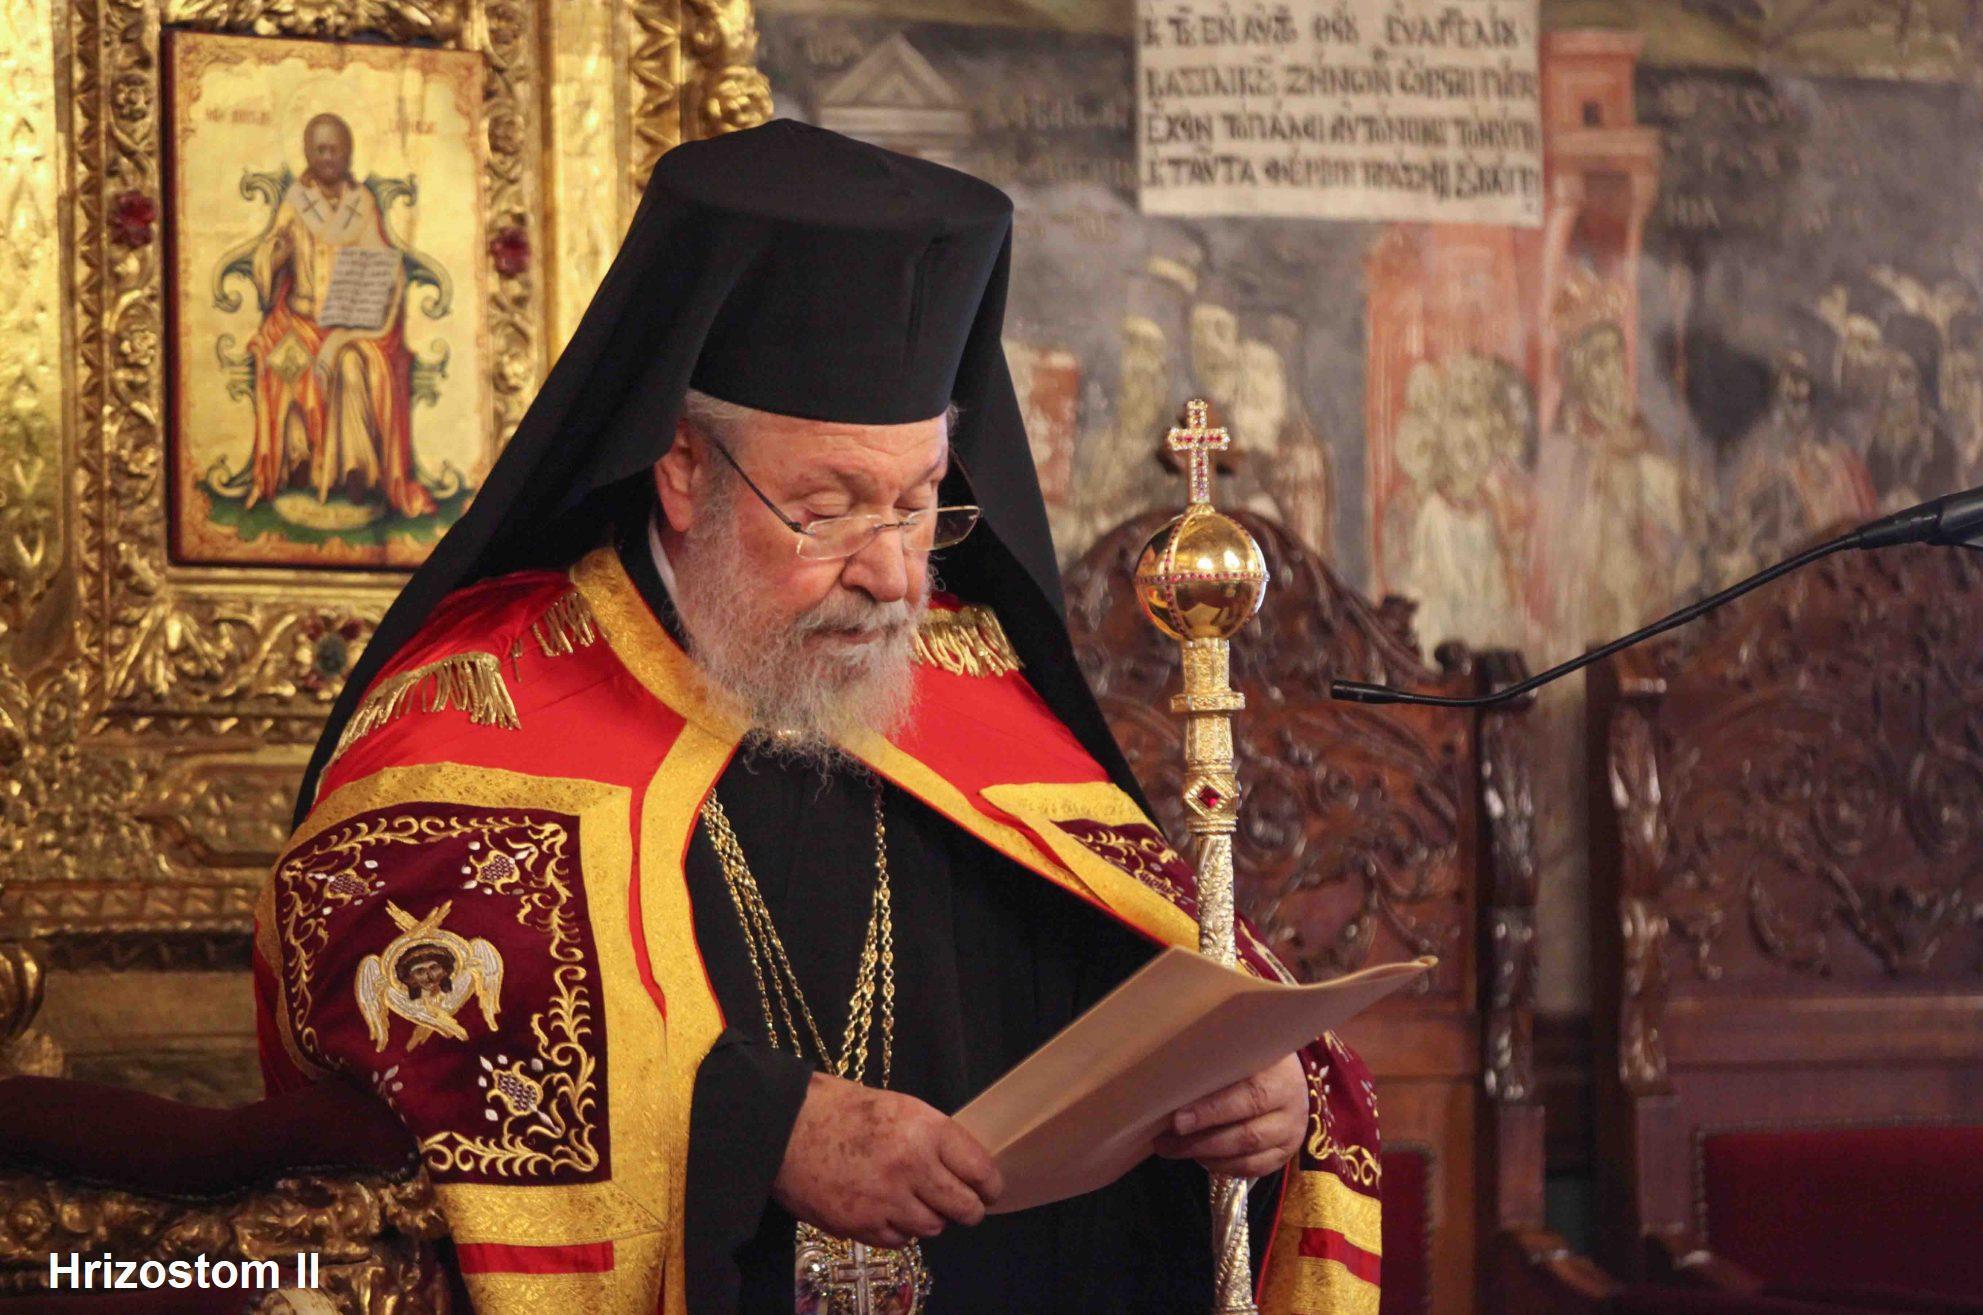 I Kiparska crkva priznala autokefalnost Ukrajincima! Rusi ogorčeni